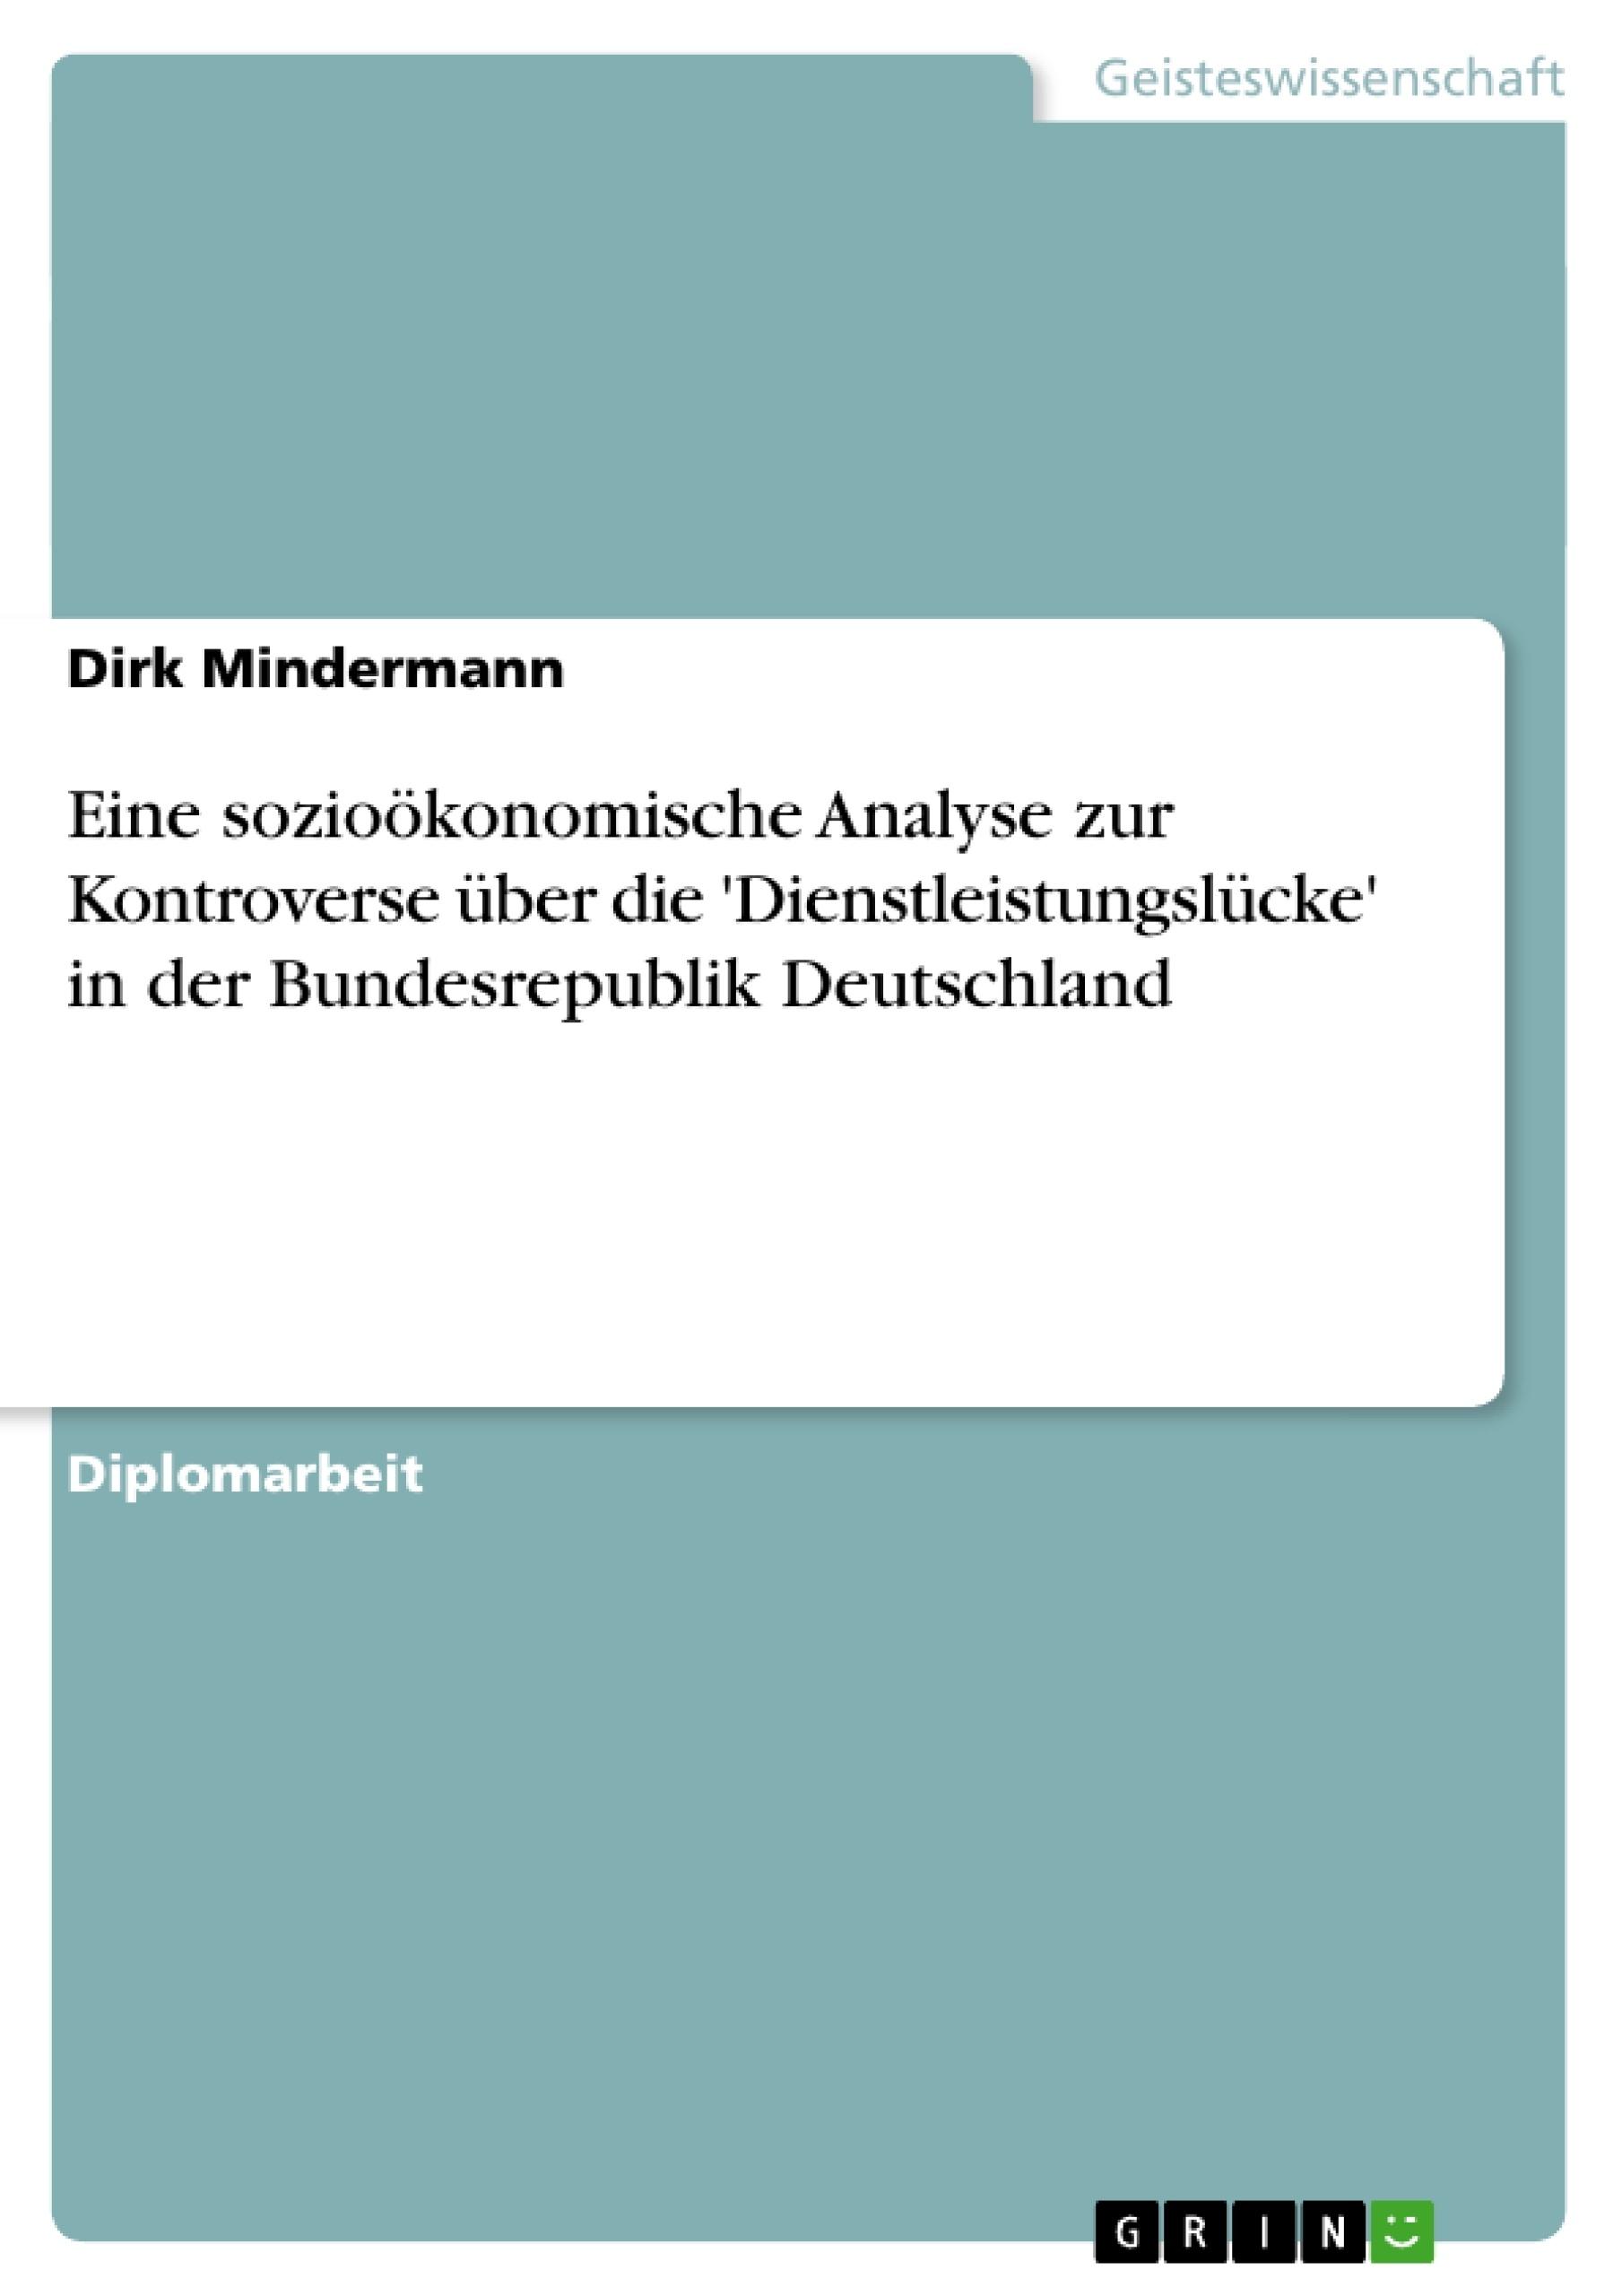 Titel: Eine sozioökonomische Analyse zur Kontroverse über die 'Dienstleistungslücke' in der Bundesrepublik Deutschland